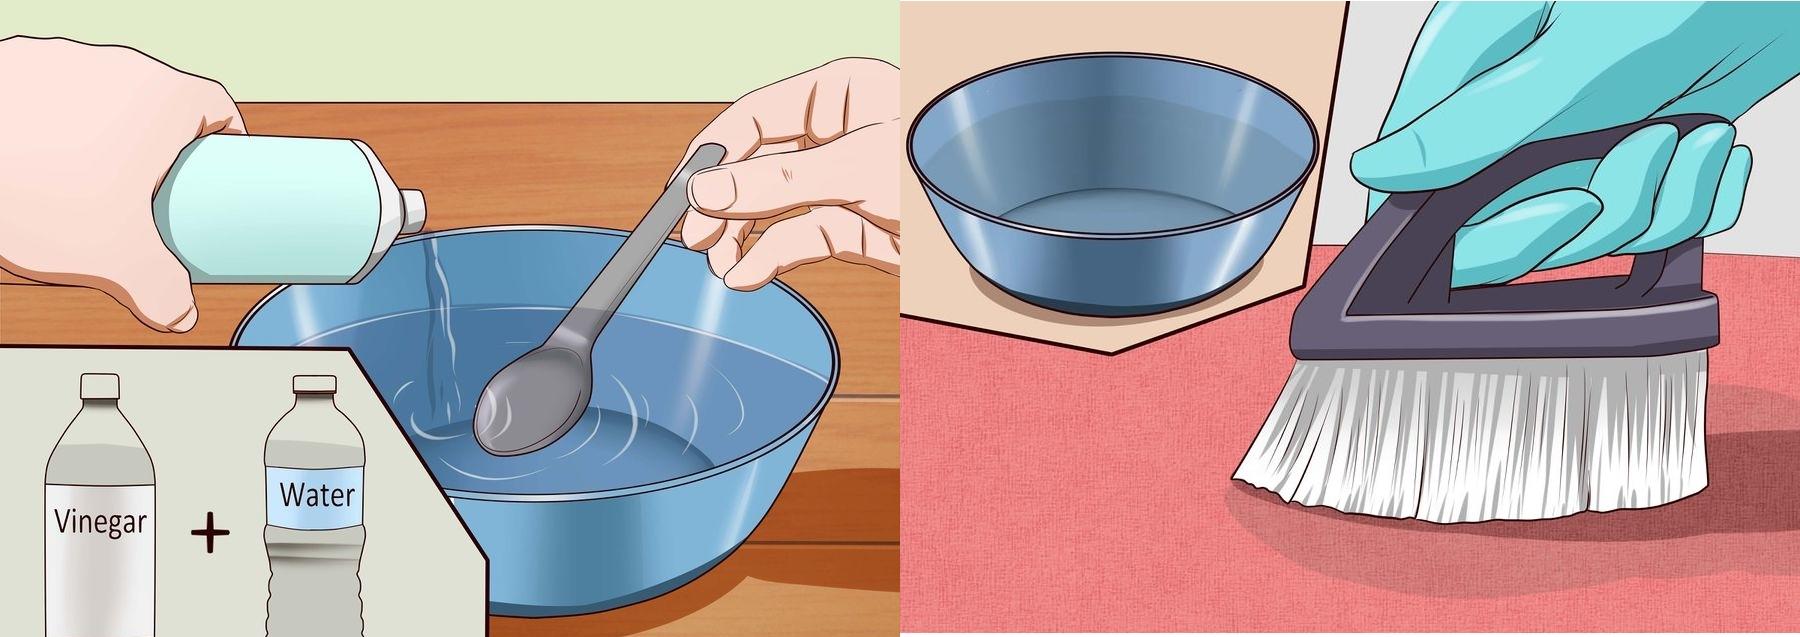 Чистка ковра уксусом и водой от кошачьей мочи